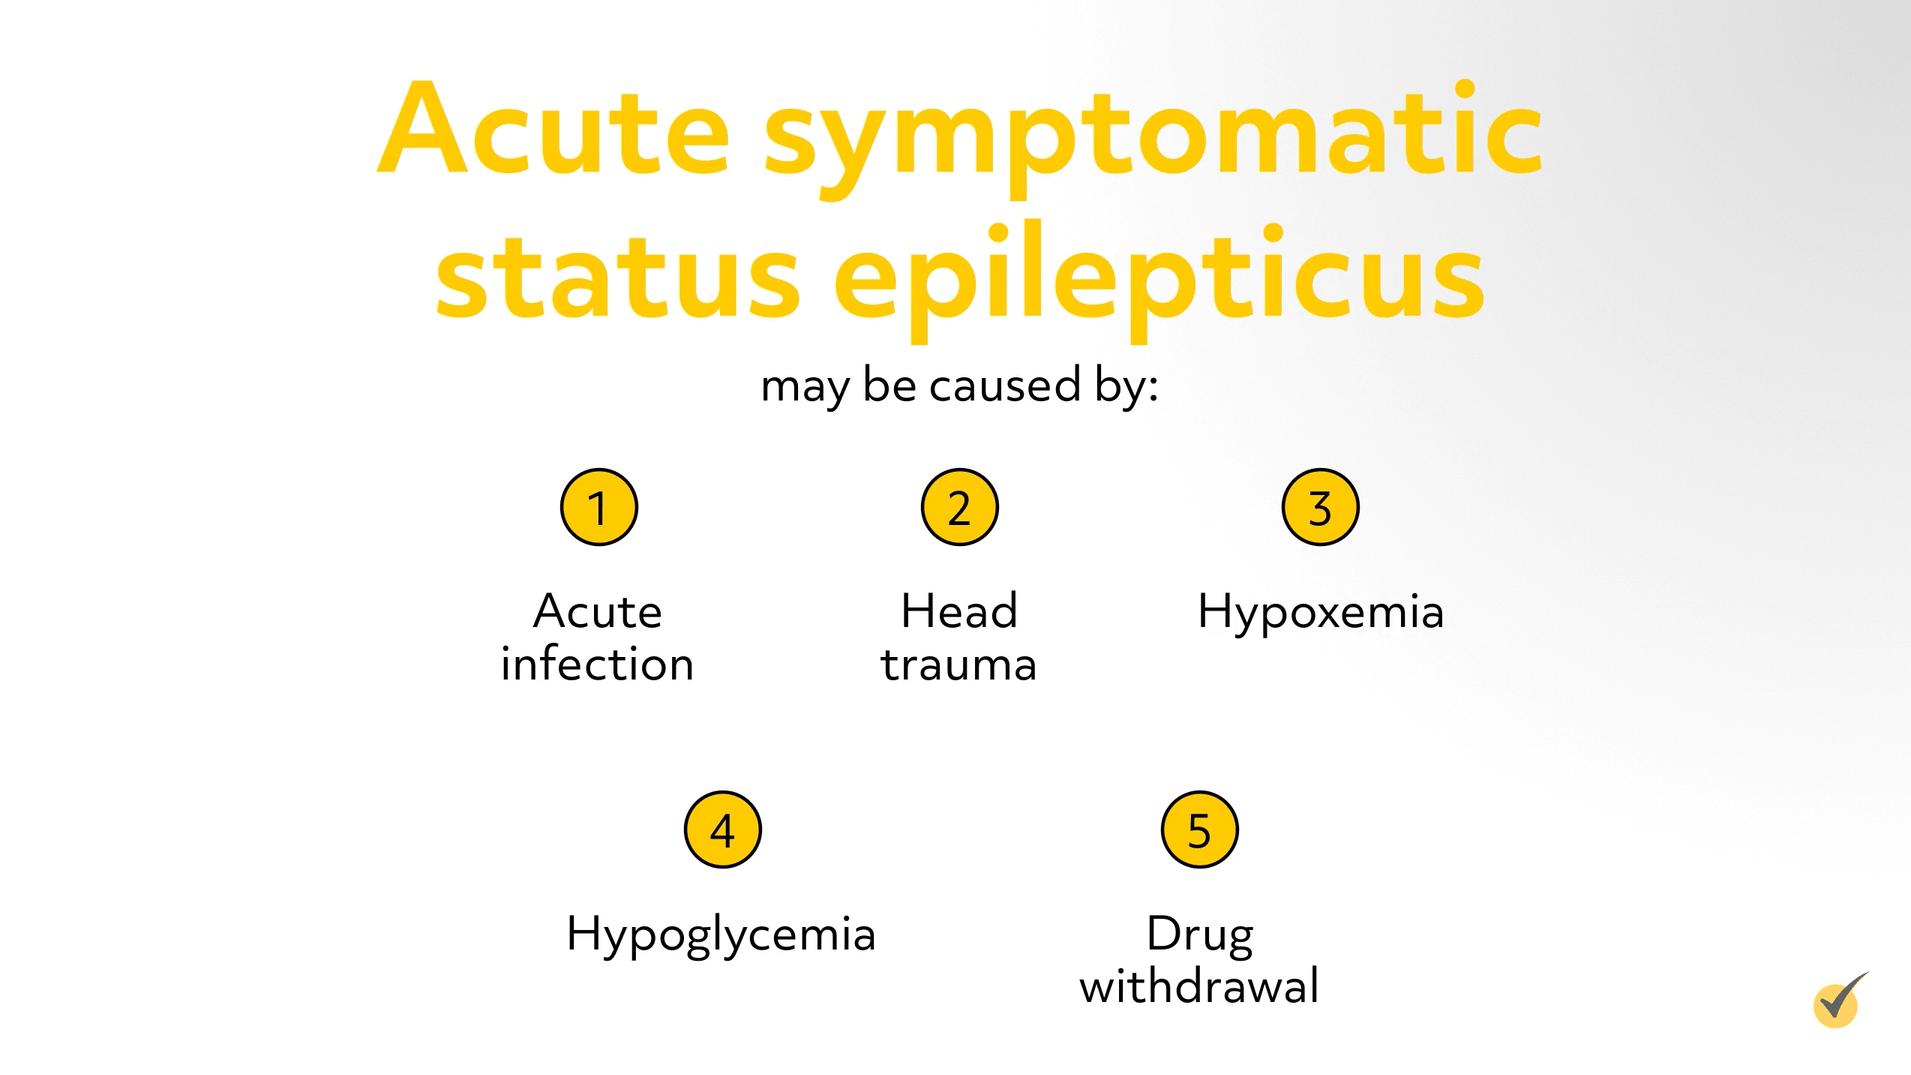 Causes of acute symptomatic status epilepticus